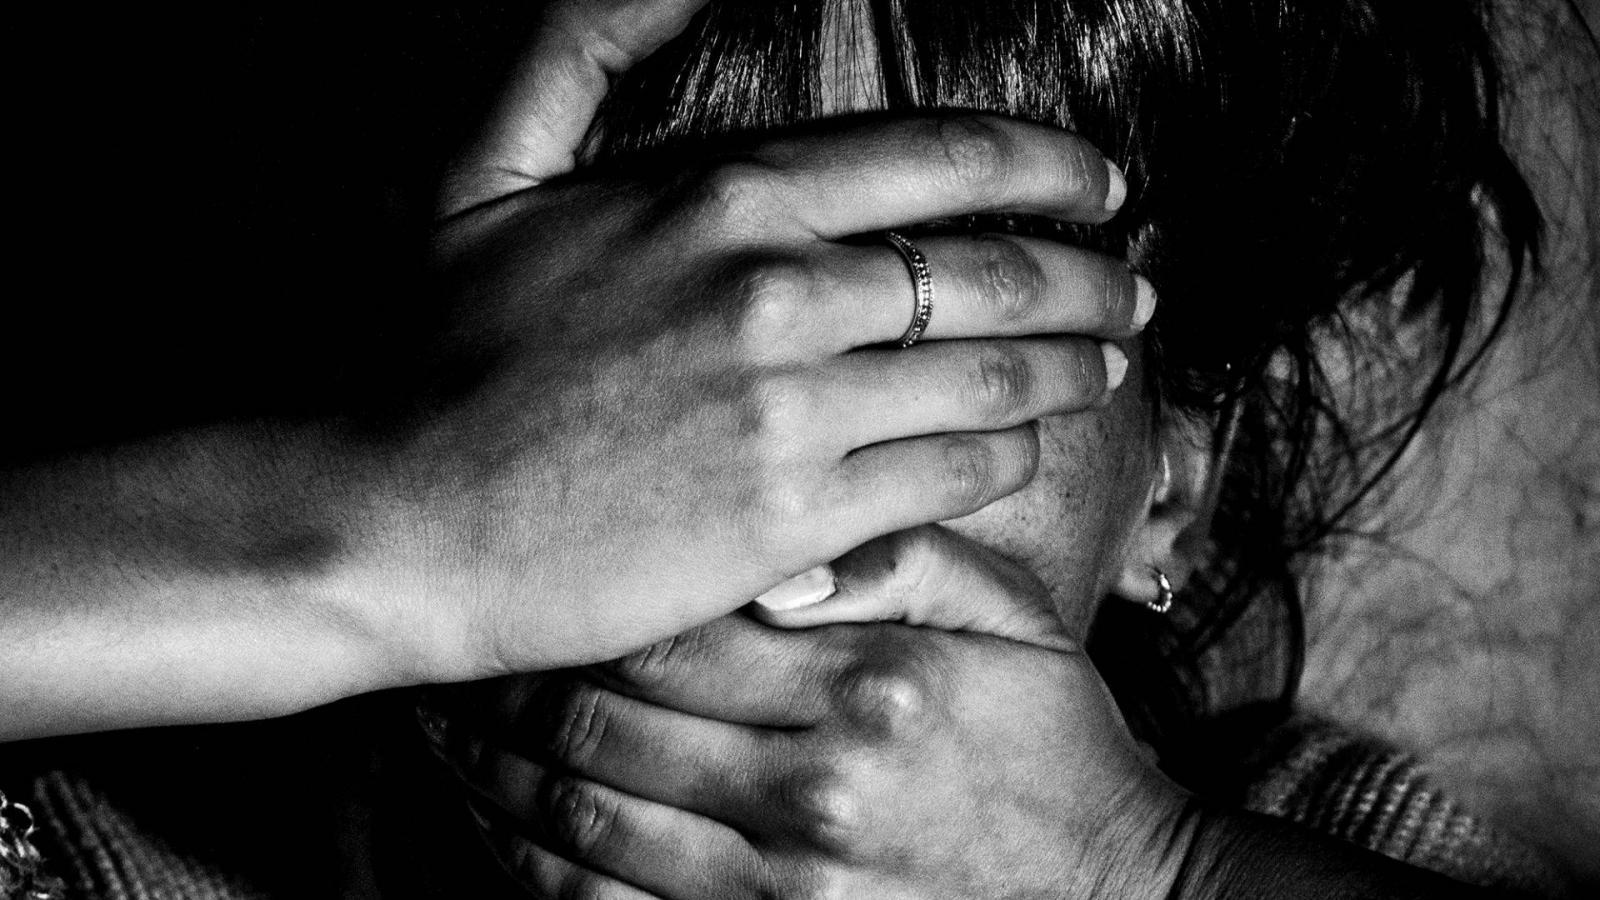 Fekete szexuális bűnelkövetők